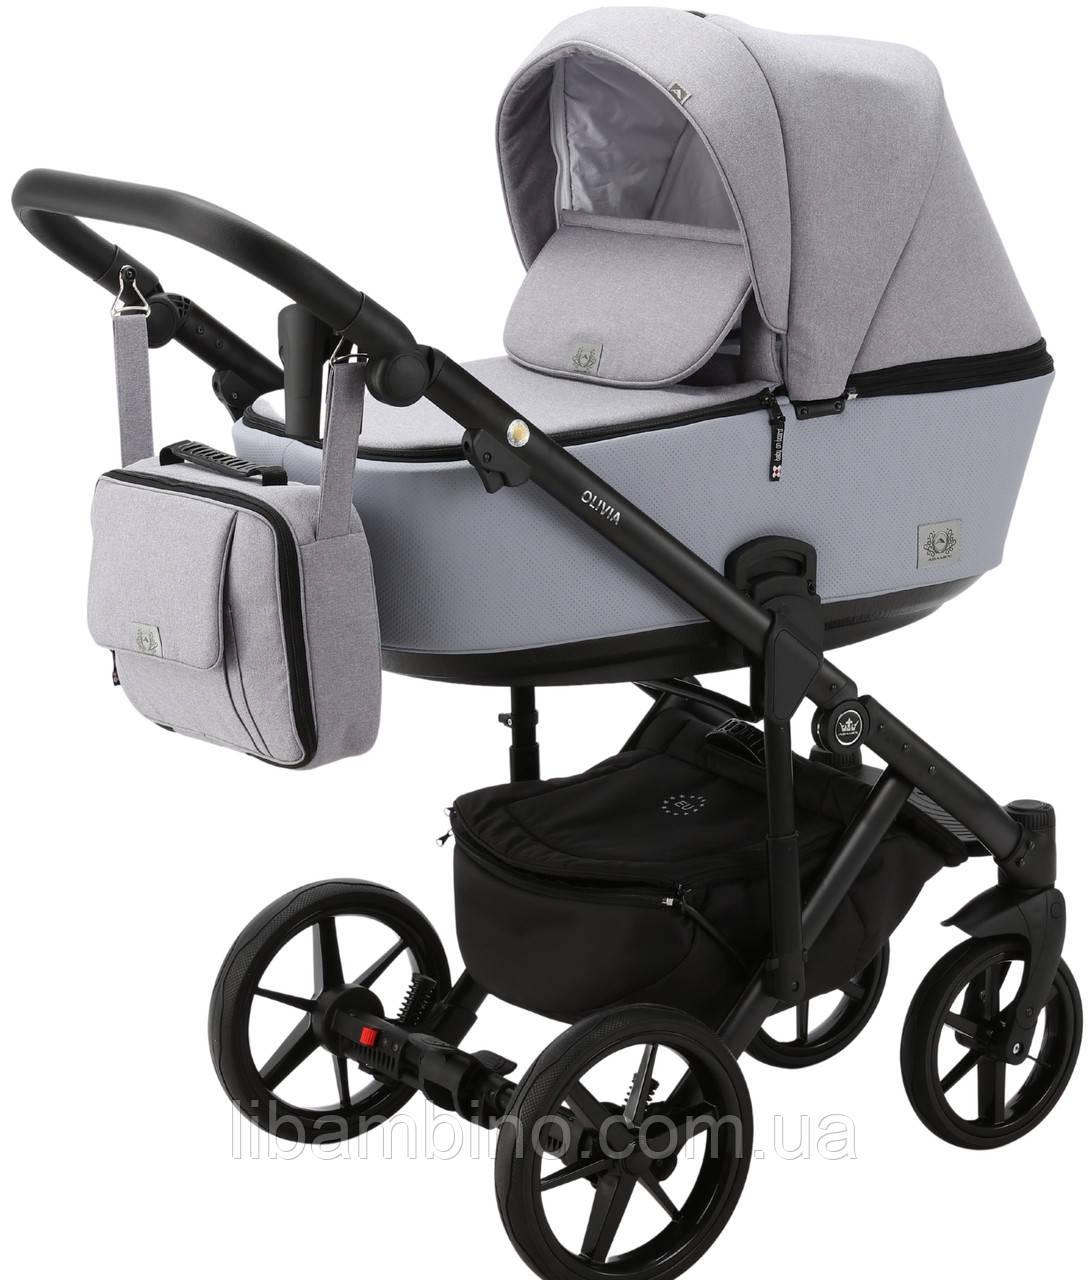 Дитяча універсальна коляска 2 в 1 Adamex Olivia PS-32